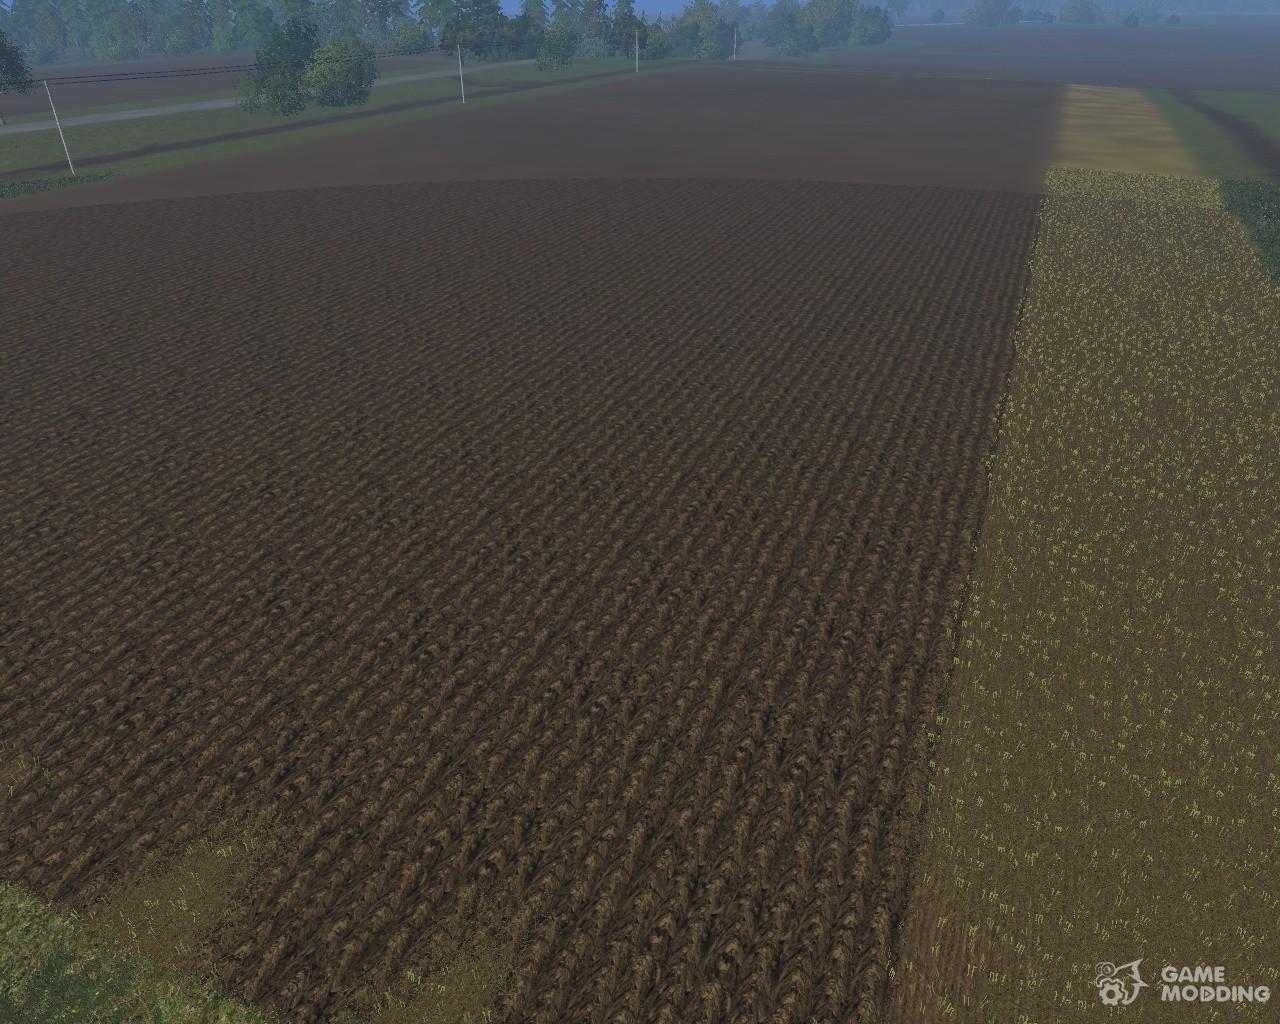 Скачать текстуры земли для фарминг симулятор 2018